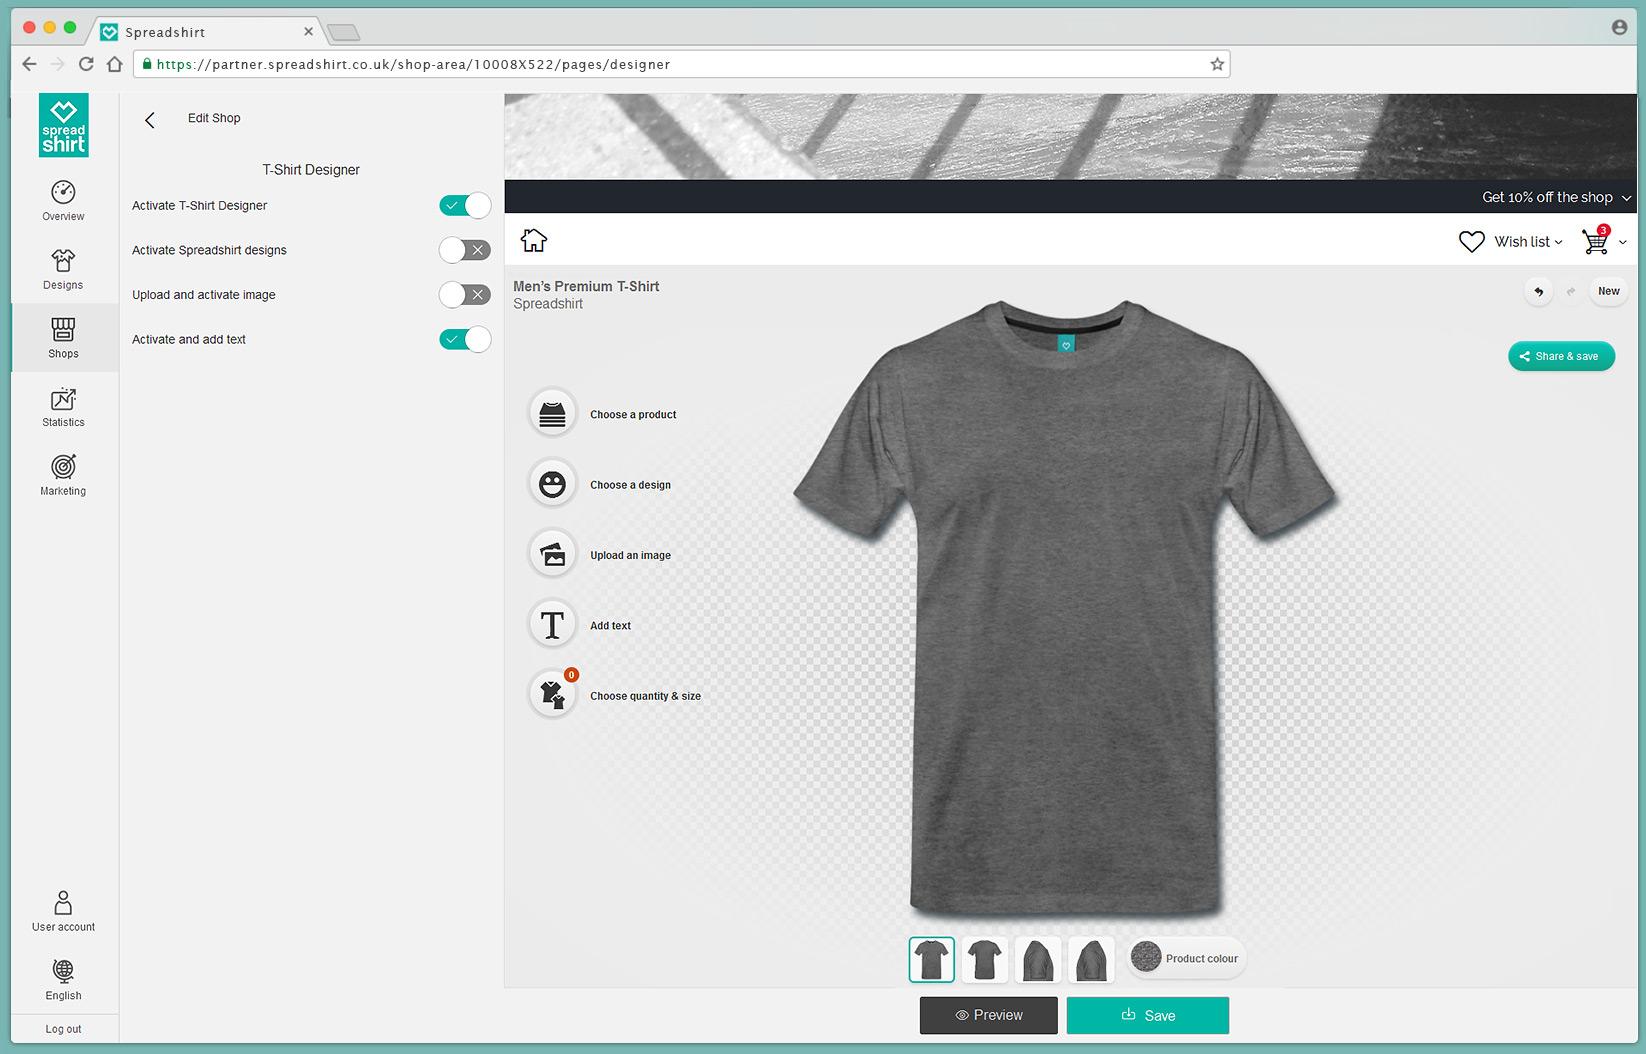 Shirt design blog - Blog_designer In Spreadshop_screens_us